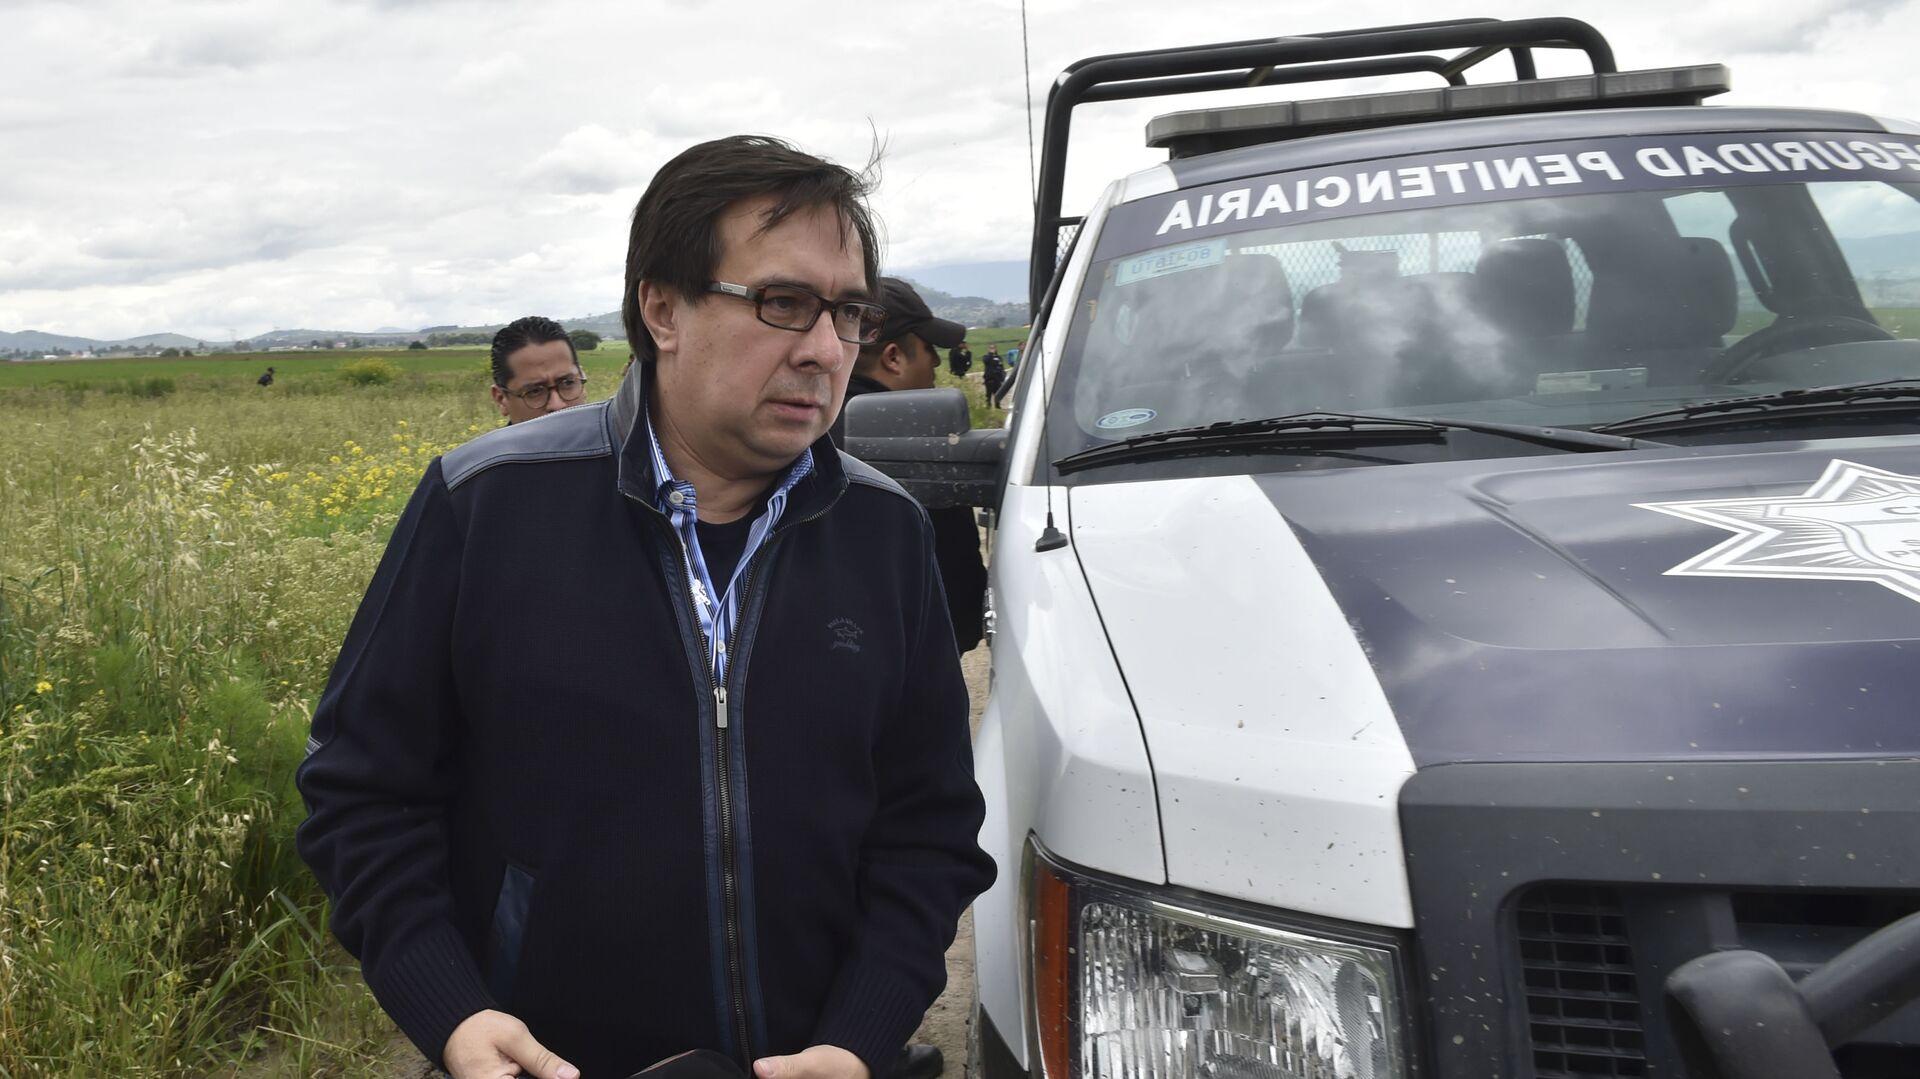 Tomás Zerón, extitular de la Agencia de Investigación Criminal (AIC) mexicana y principal responsable de la investigación del caso Ayotzinapa - Sputnik Mundo, 1920, 24.09.2021